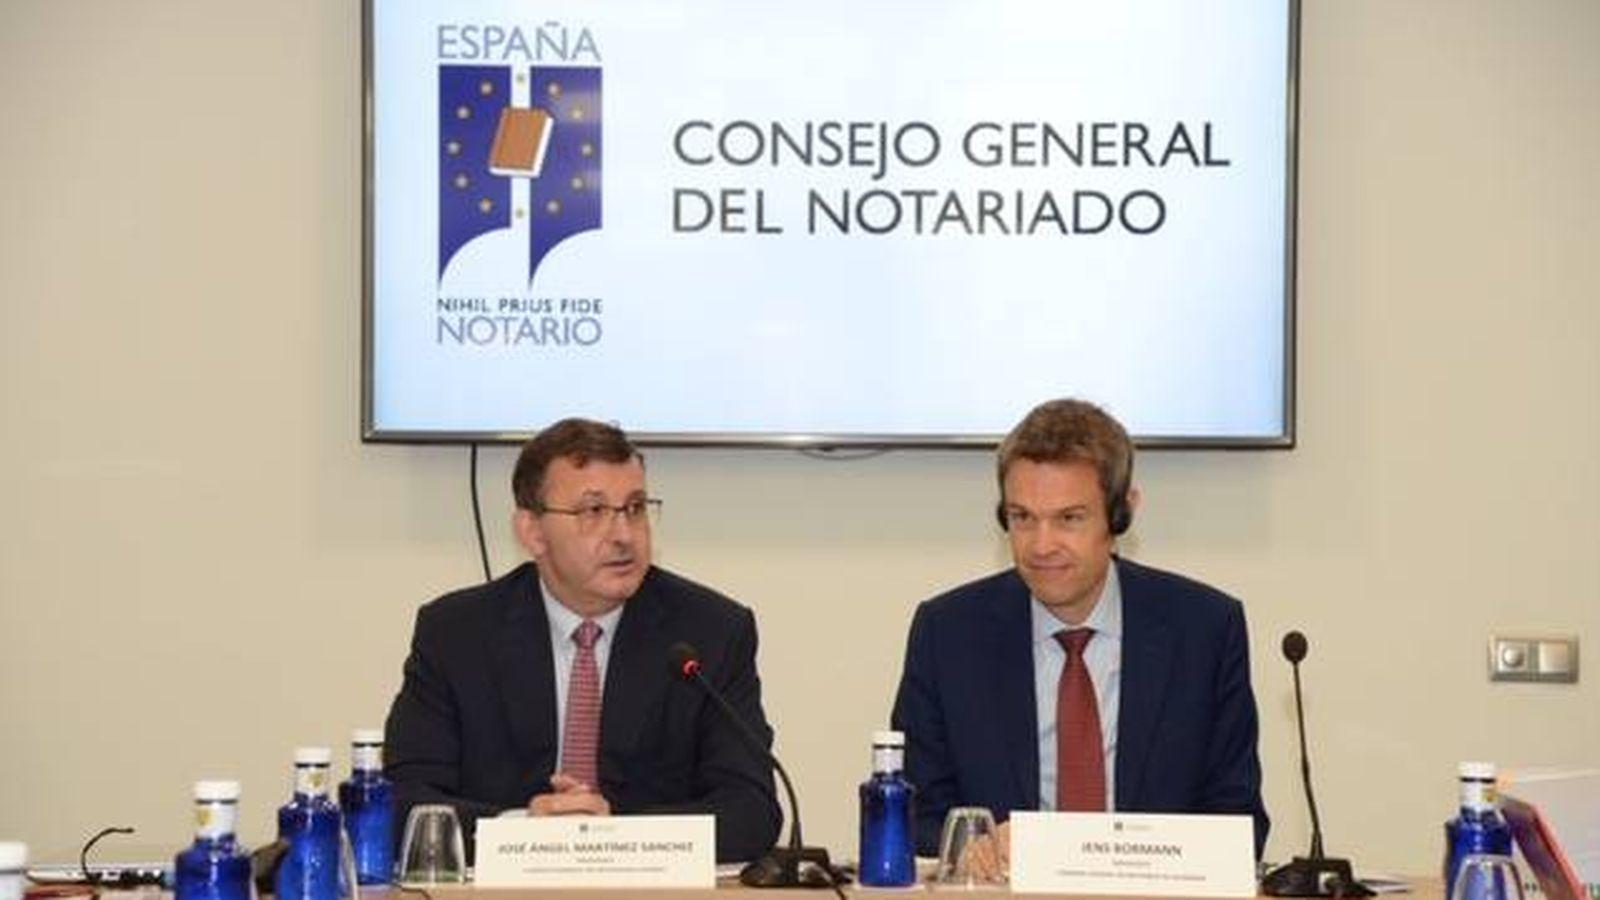 Foto:  Los presidentes del notariado español y alemán.